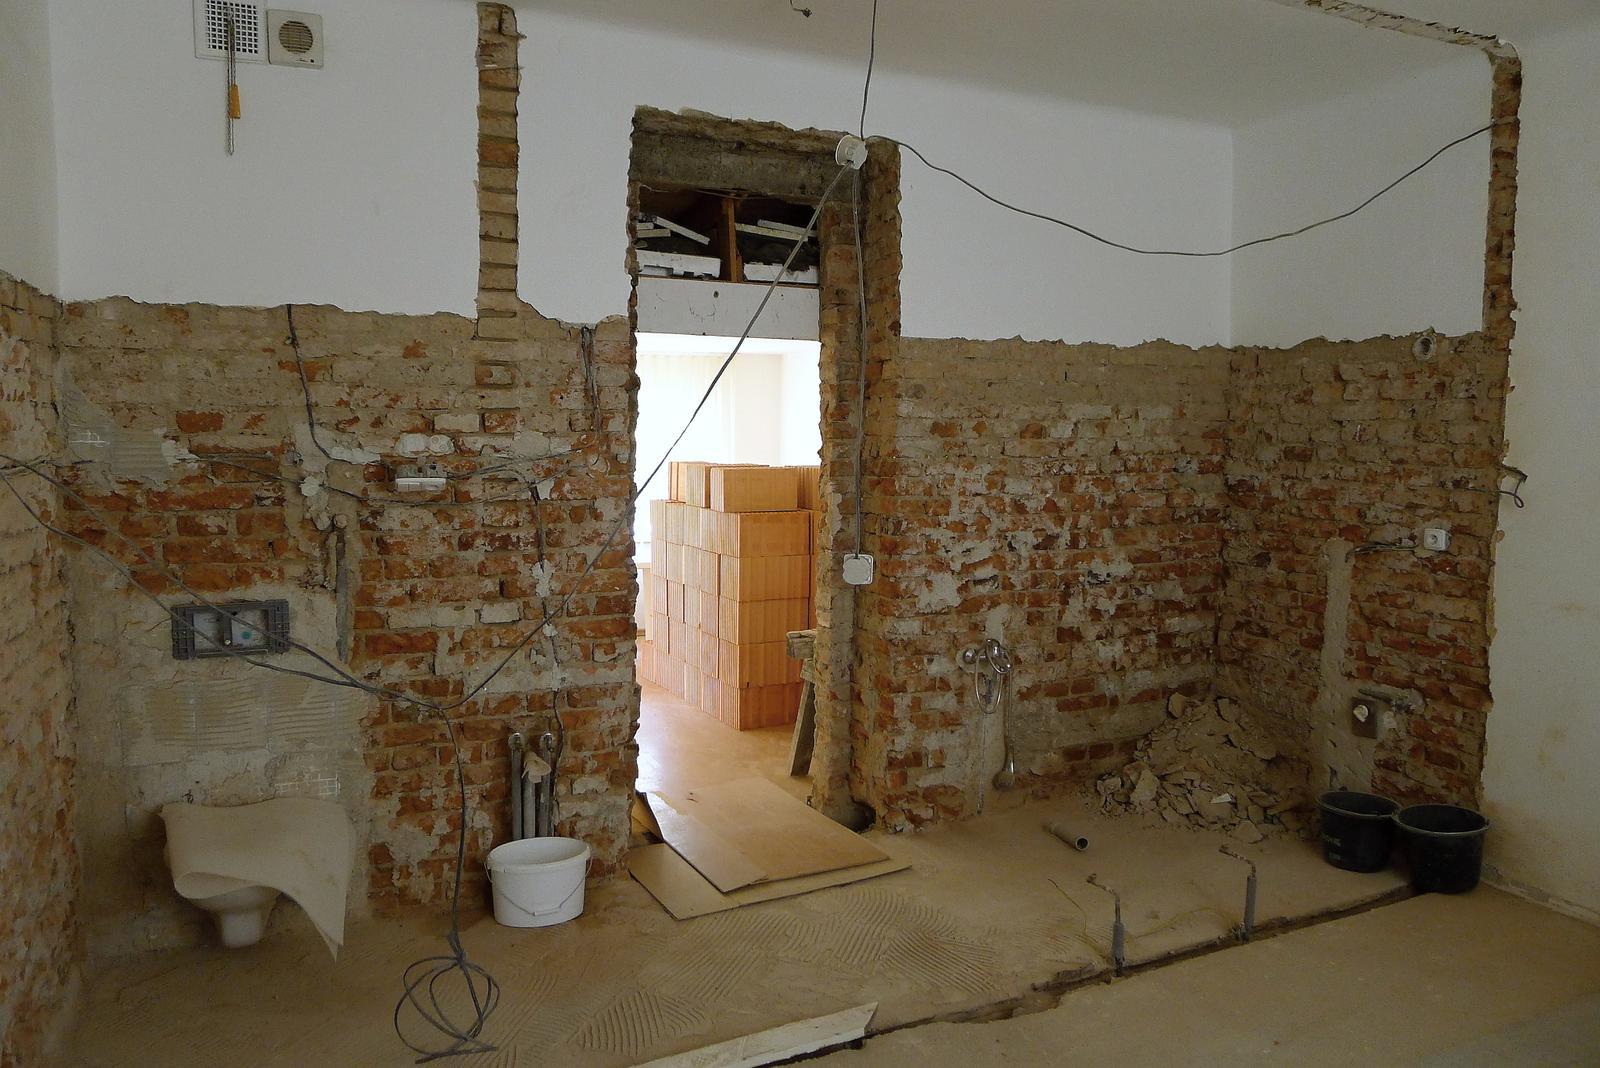 Rekonstrukce našeho domečku - Obrázek č. 22